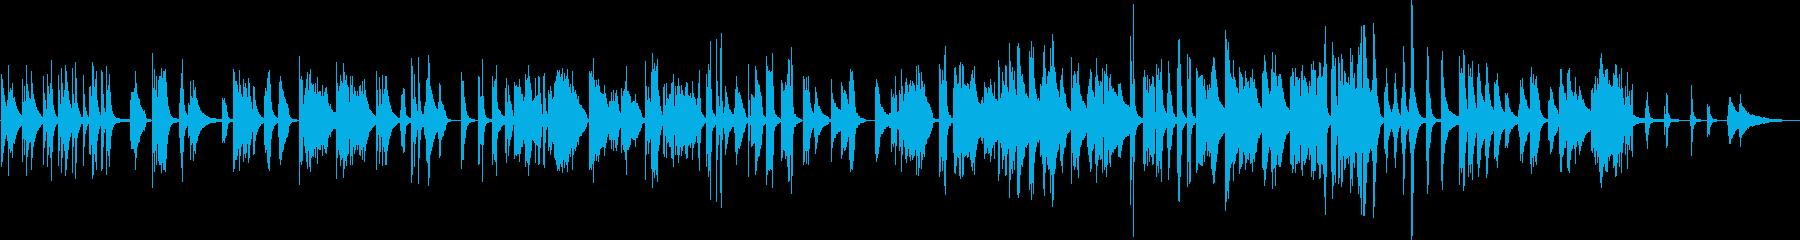 ソロピアノトラック。瞑想的で思慮深...の再生済みの波形